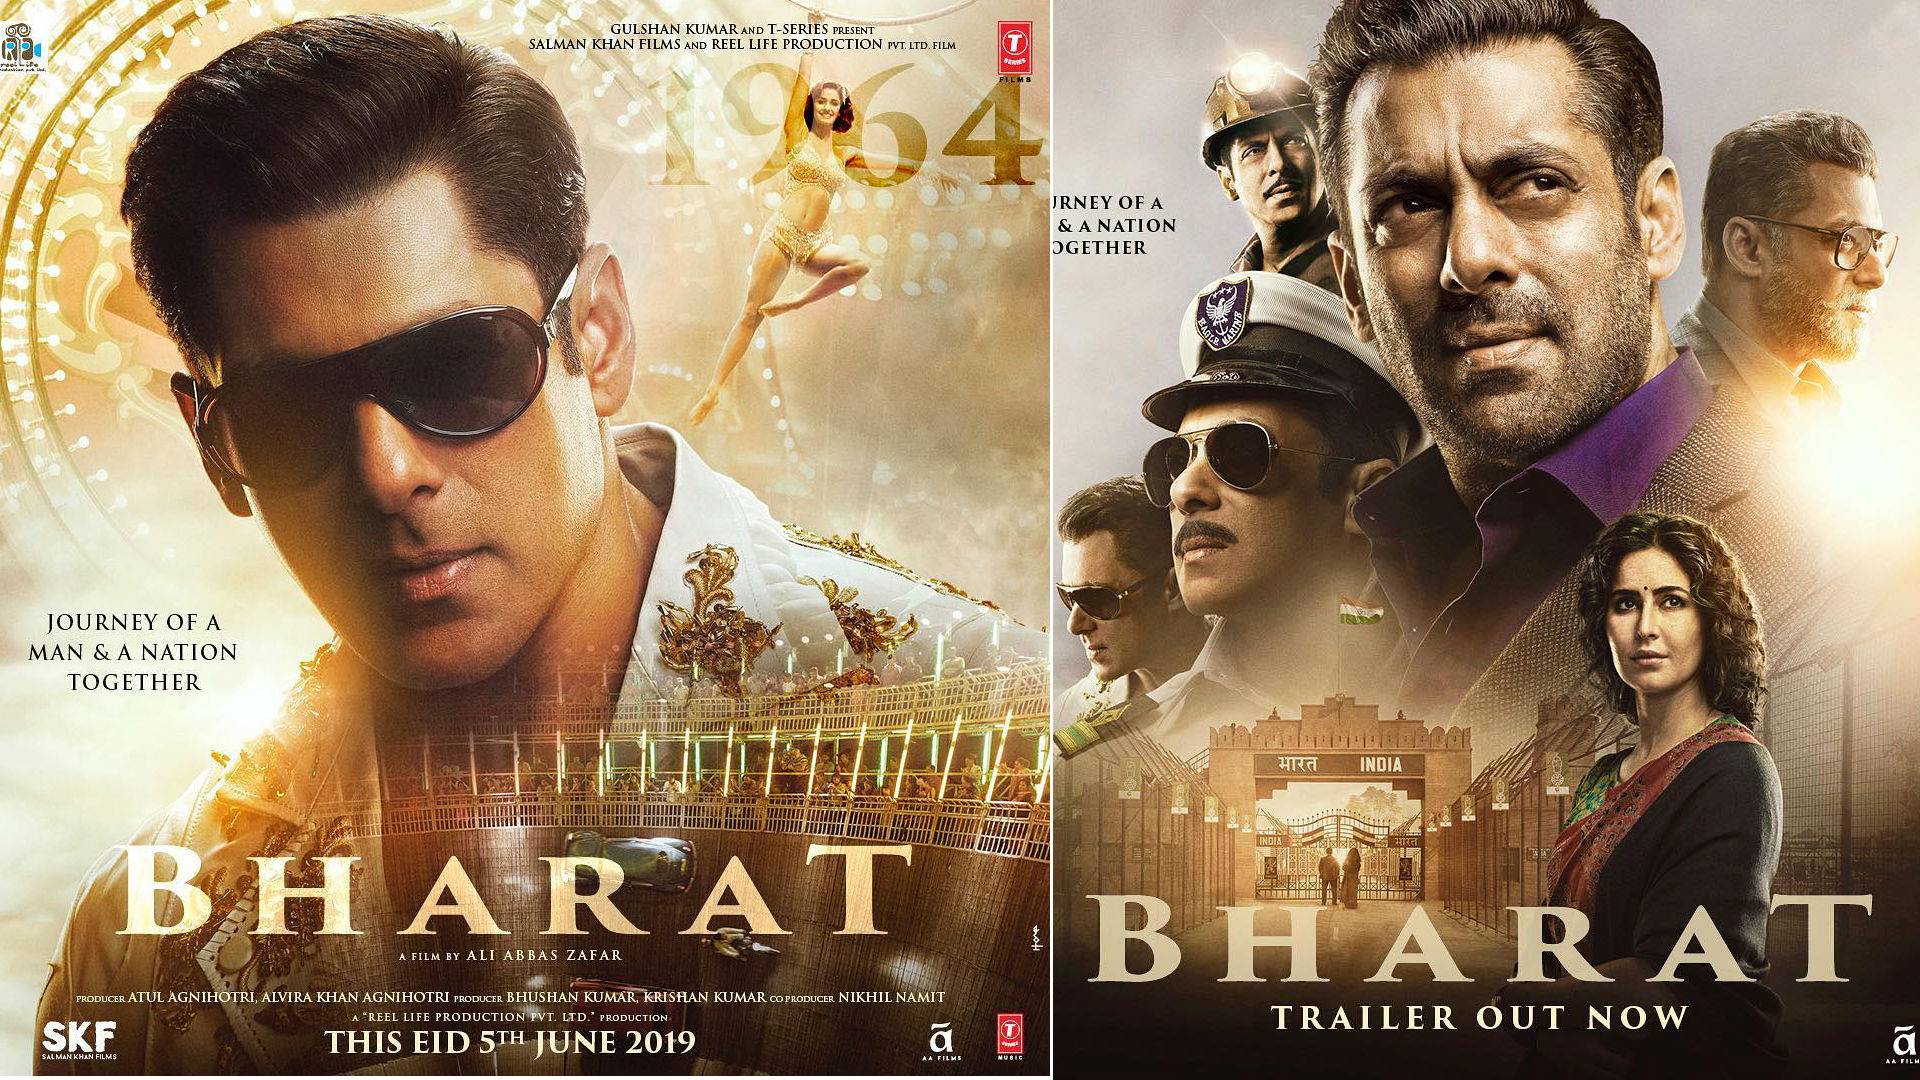 सलमान खान-कैटरीना कैफ की फिल्म 'भारत' की कमाई पर पड़ा असर, सोमवार को कमाए इतने करोड़ रुपये